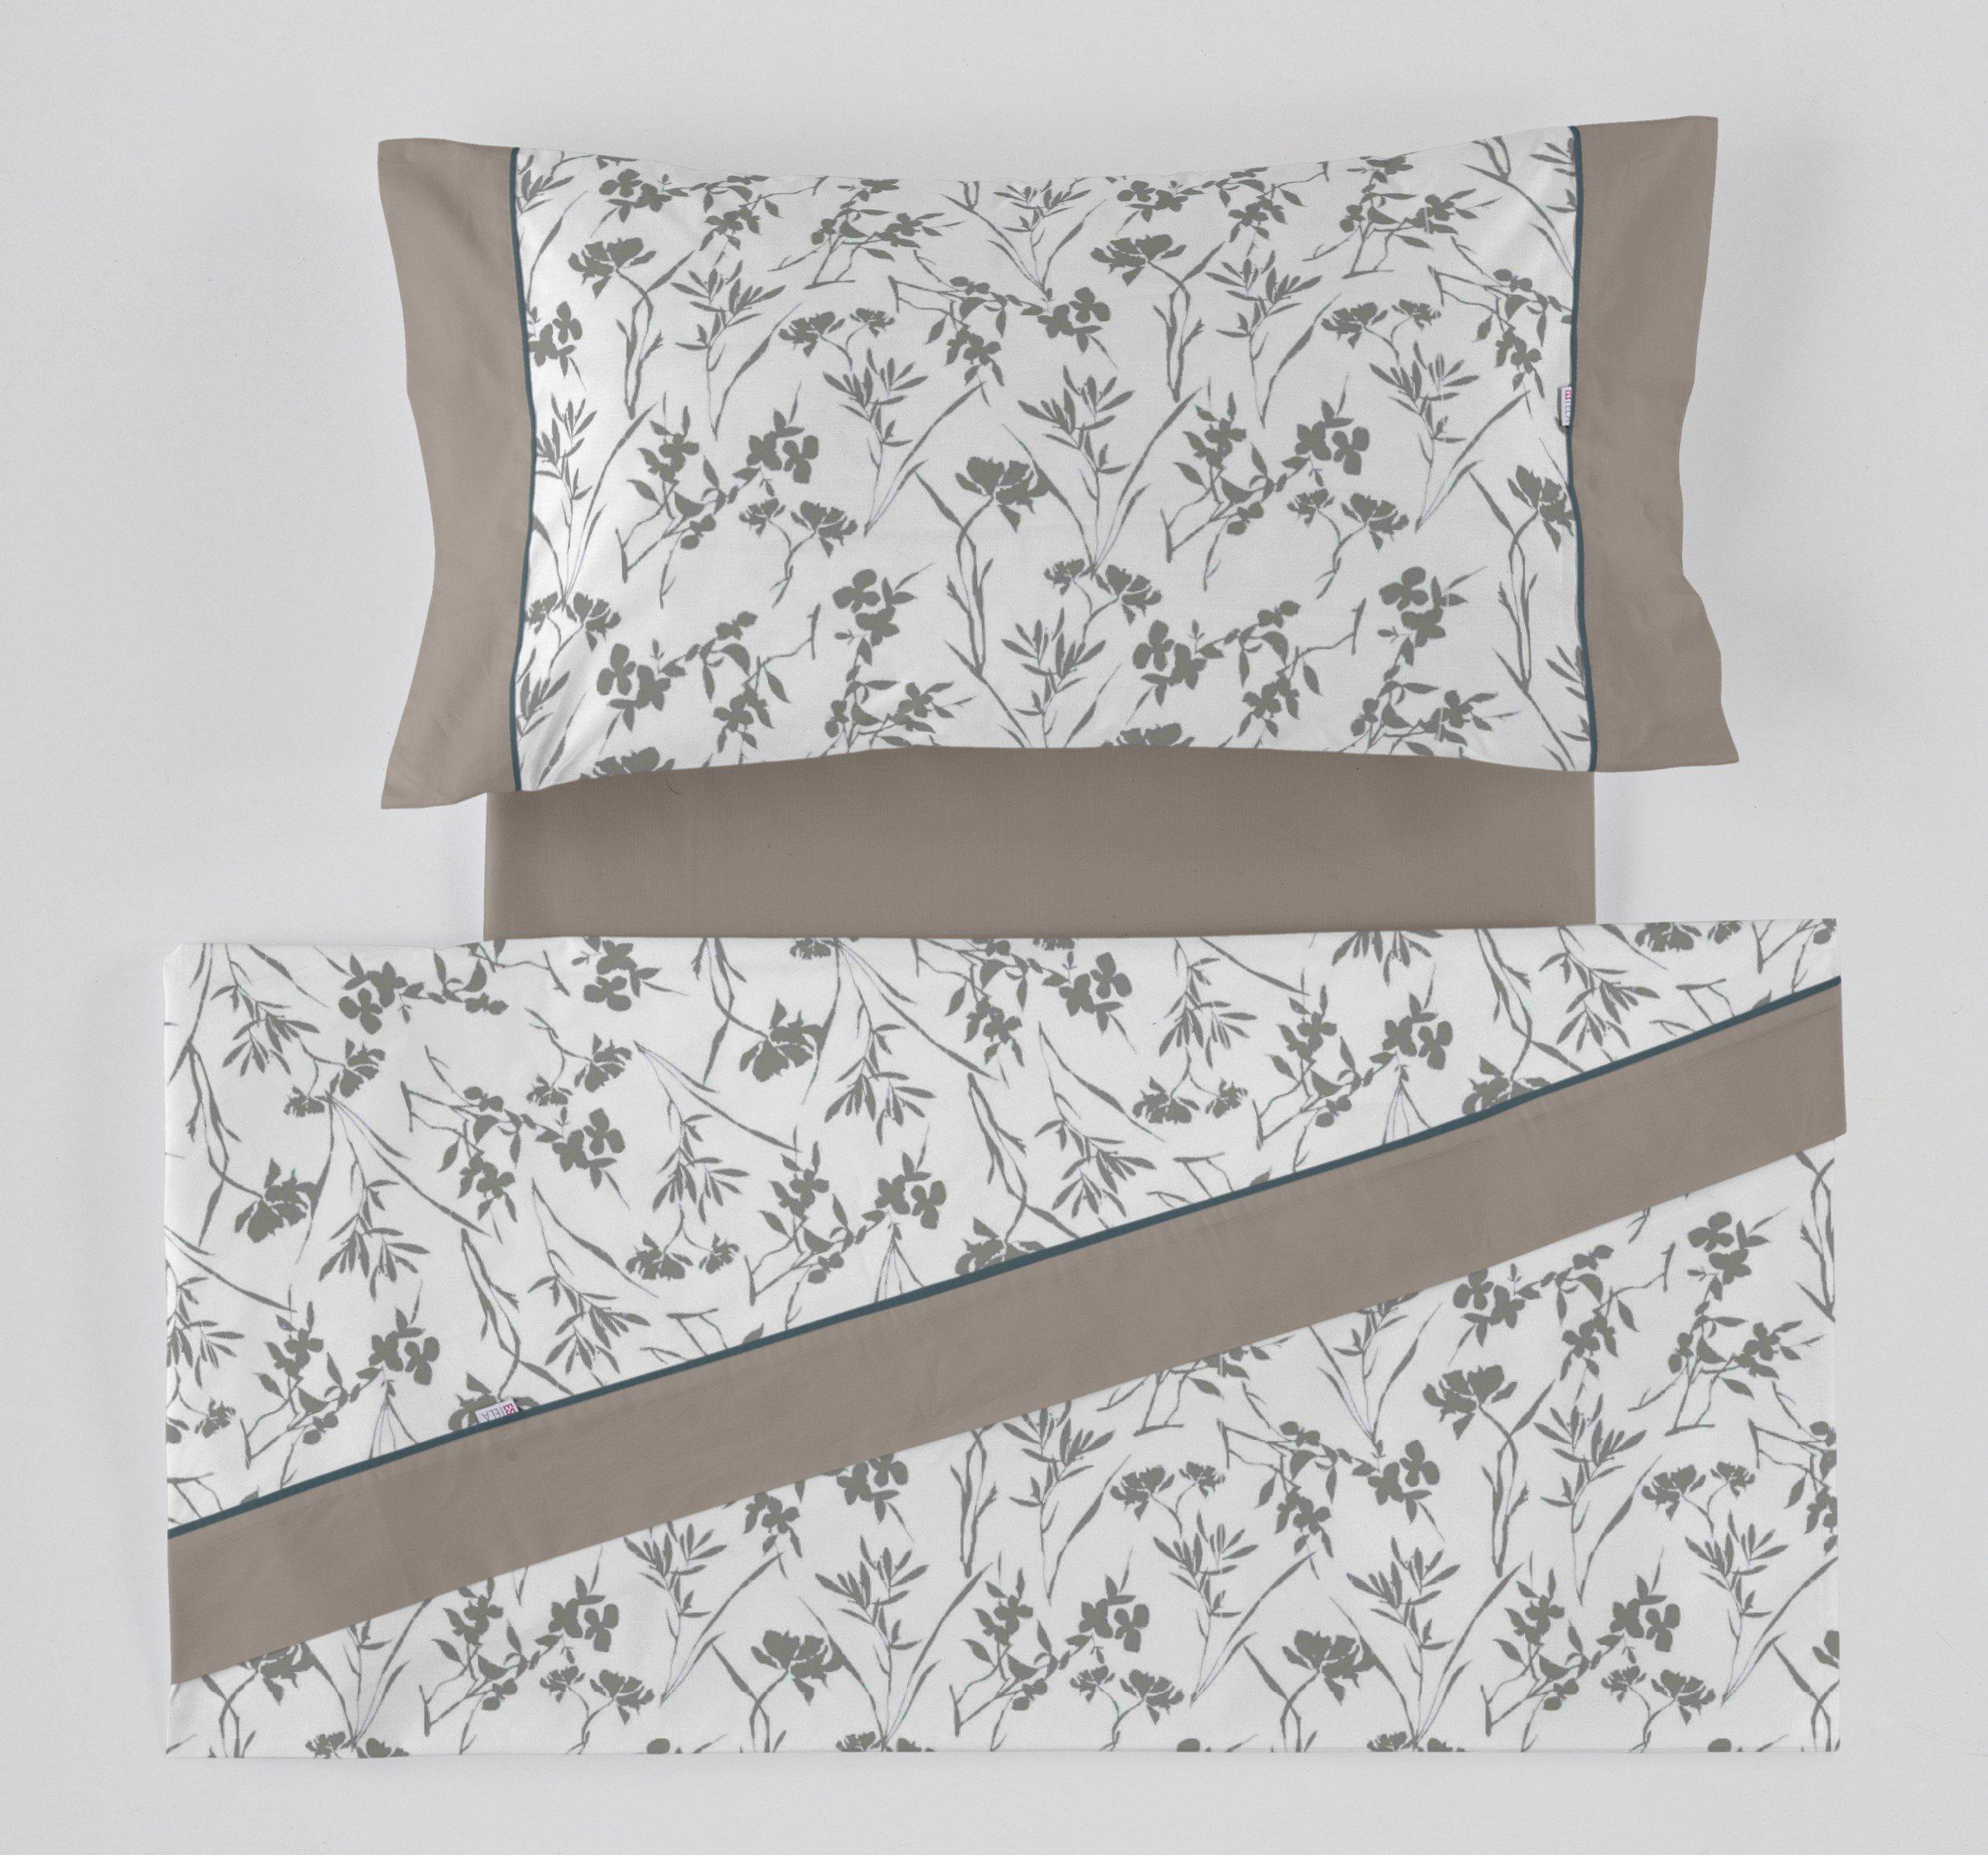 ES-Tela - Juego de sábanas Estampadas Paola Color Gris (4 Piezas) - Cama de 150 cm. - 50% Algodón/50% Poliéster - 144 Hilos: Amazon.es: Hogar